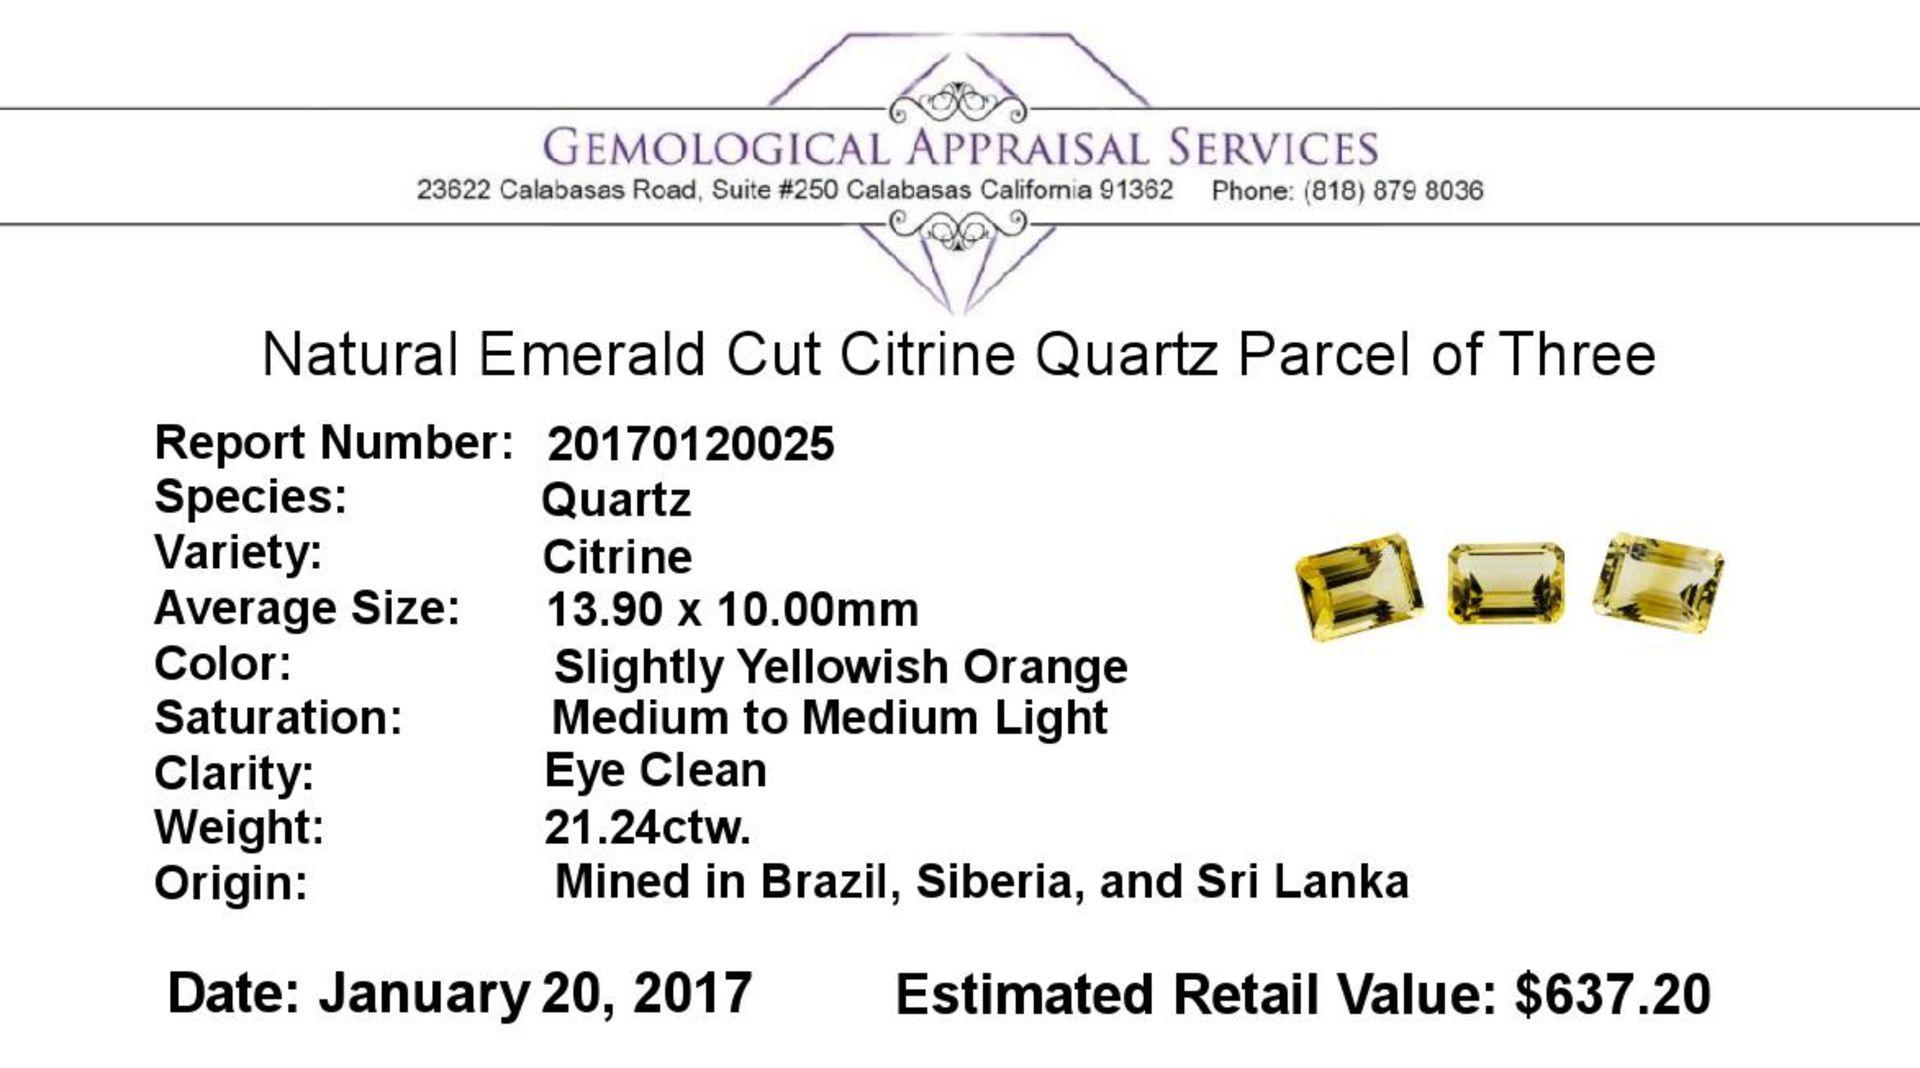 21.24 ctw.Natural Emerald Cut Citrine Quartz Parcel of Three - Image 3 of 3